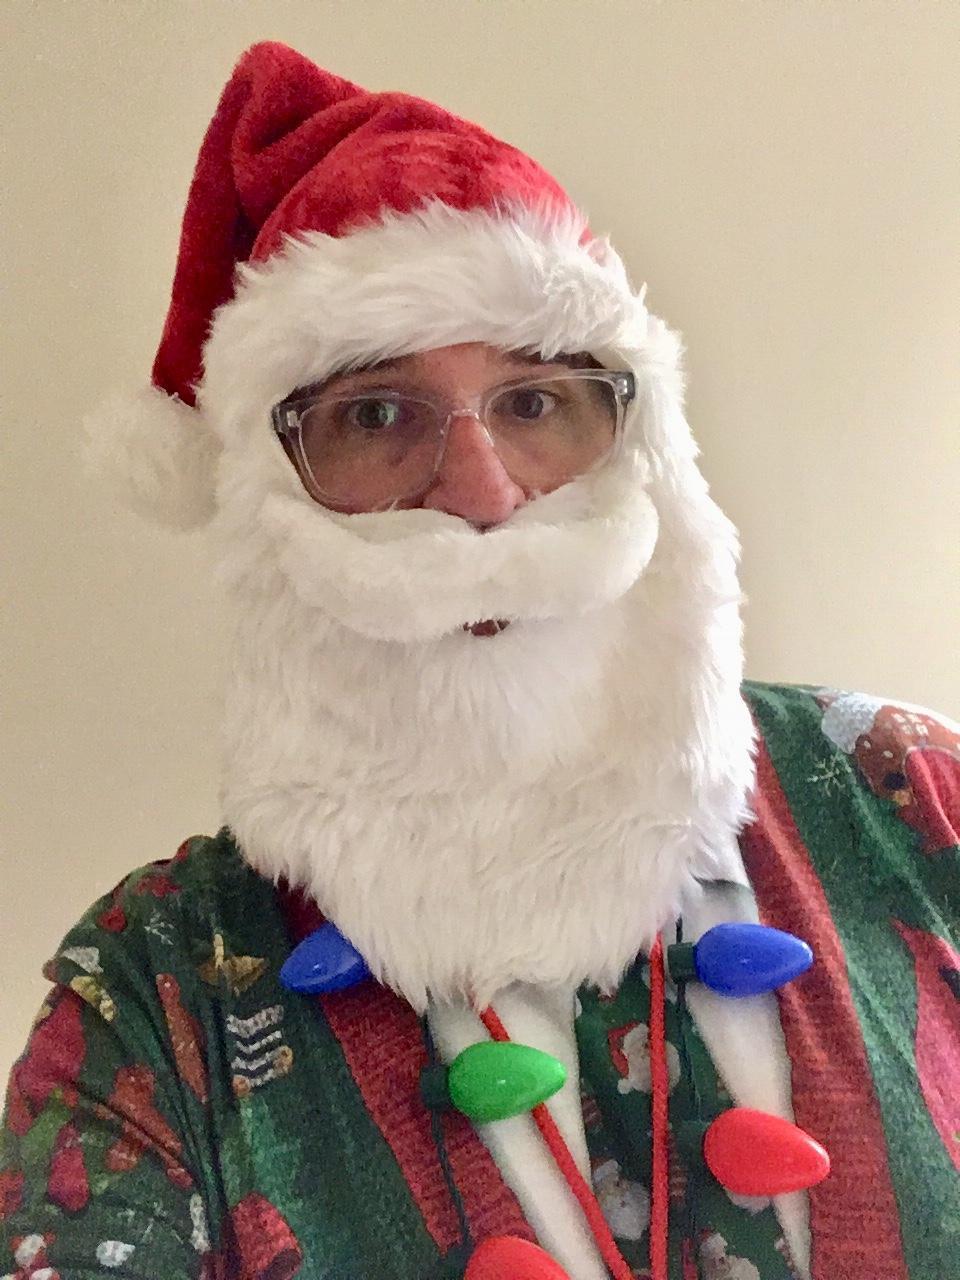 Mr. B. as santa claus